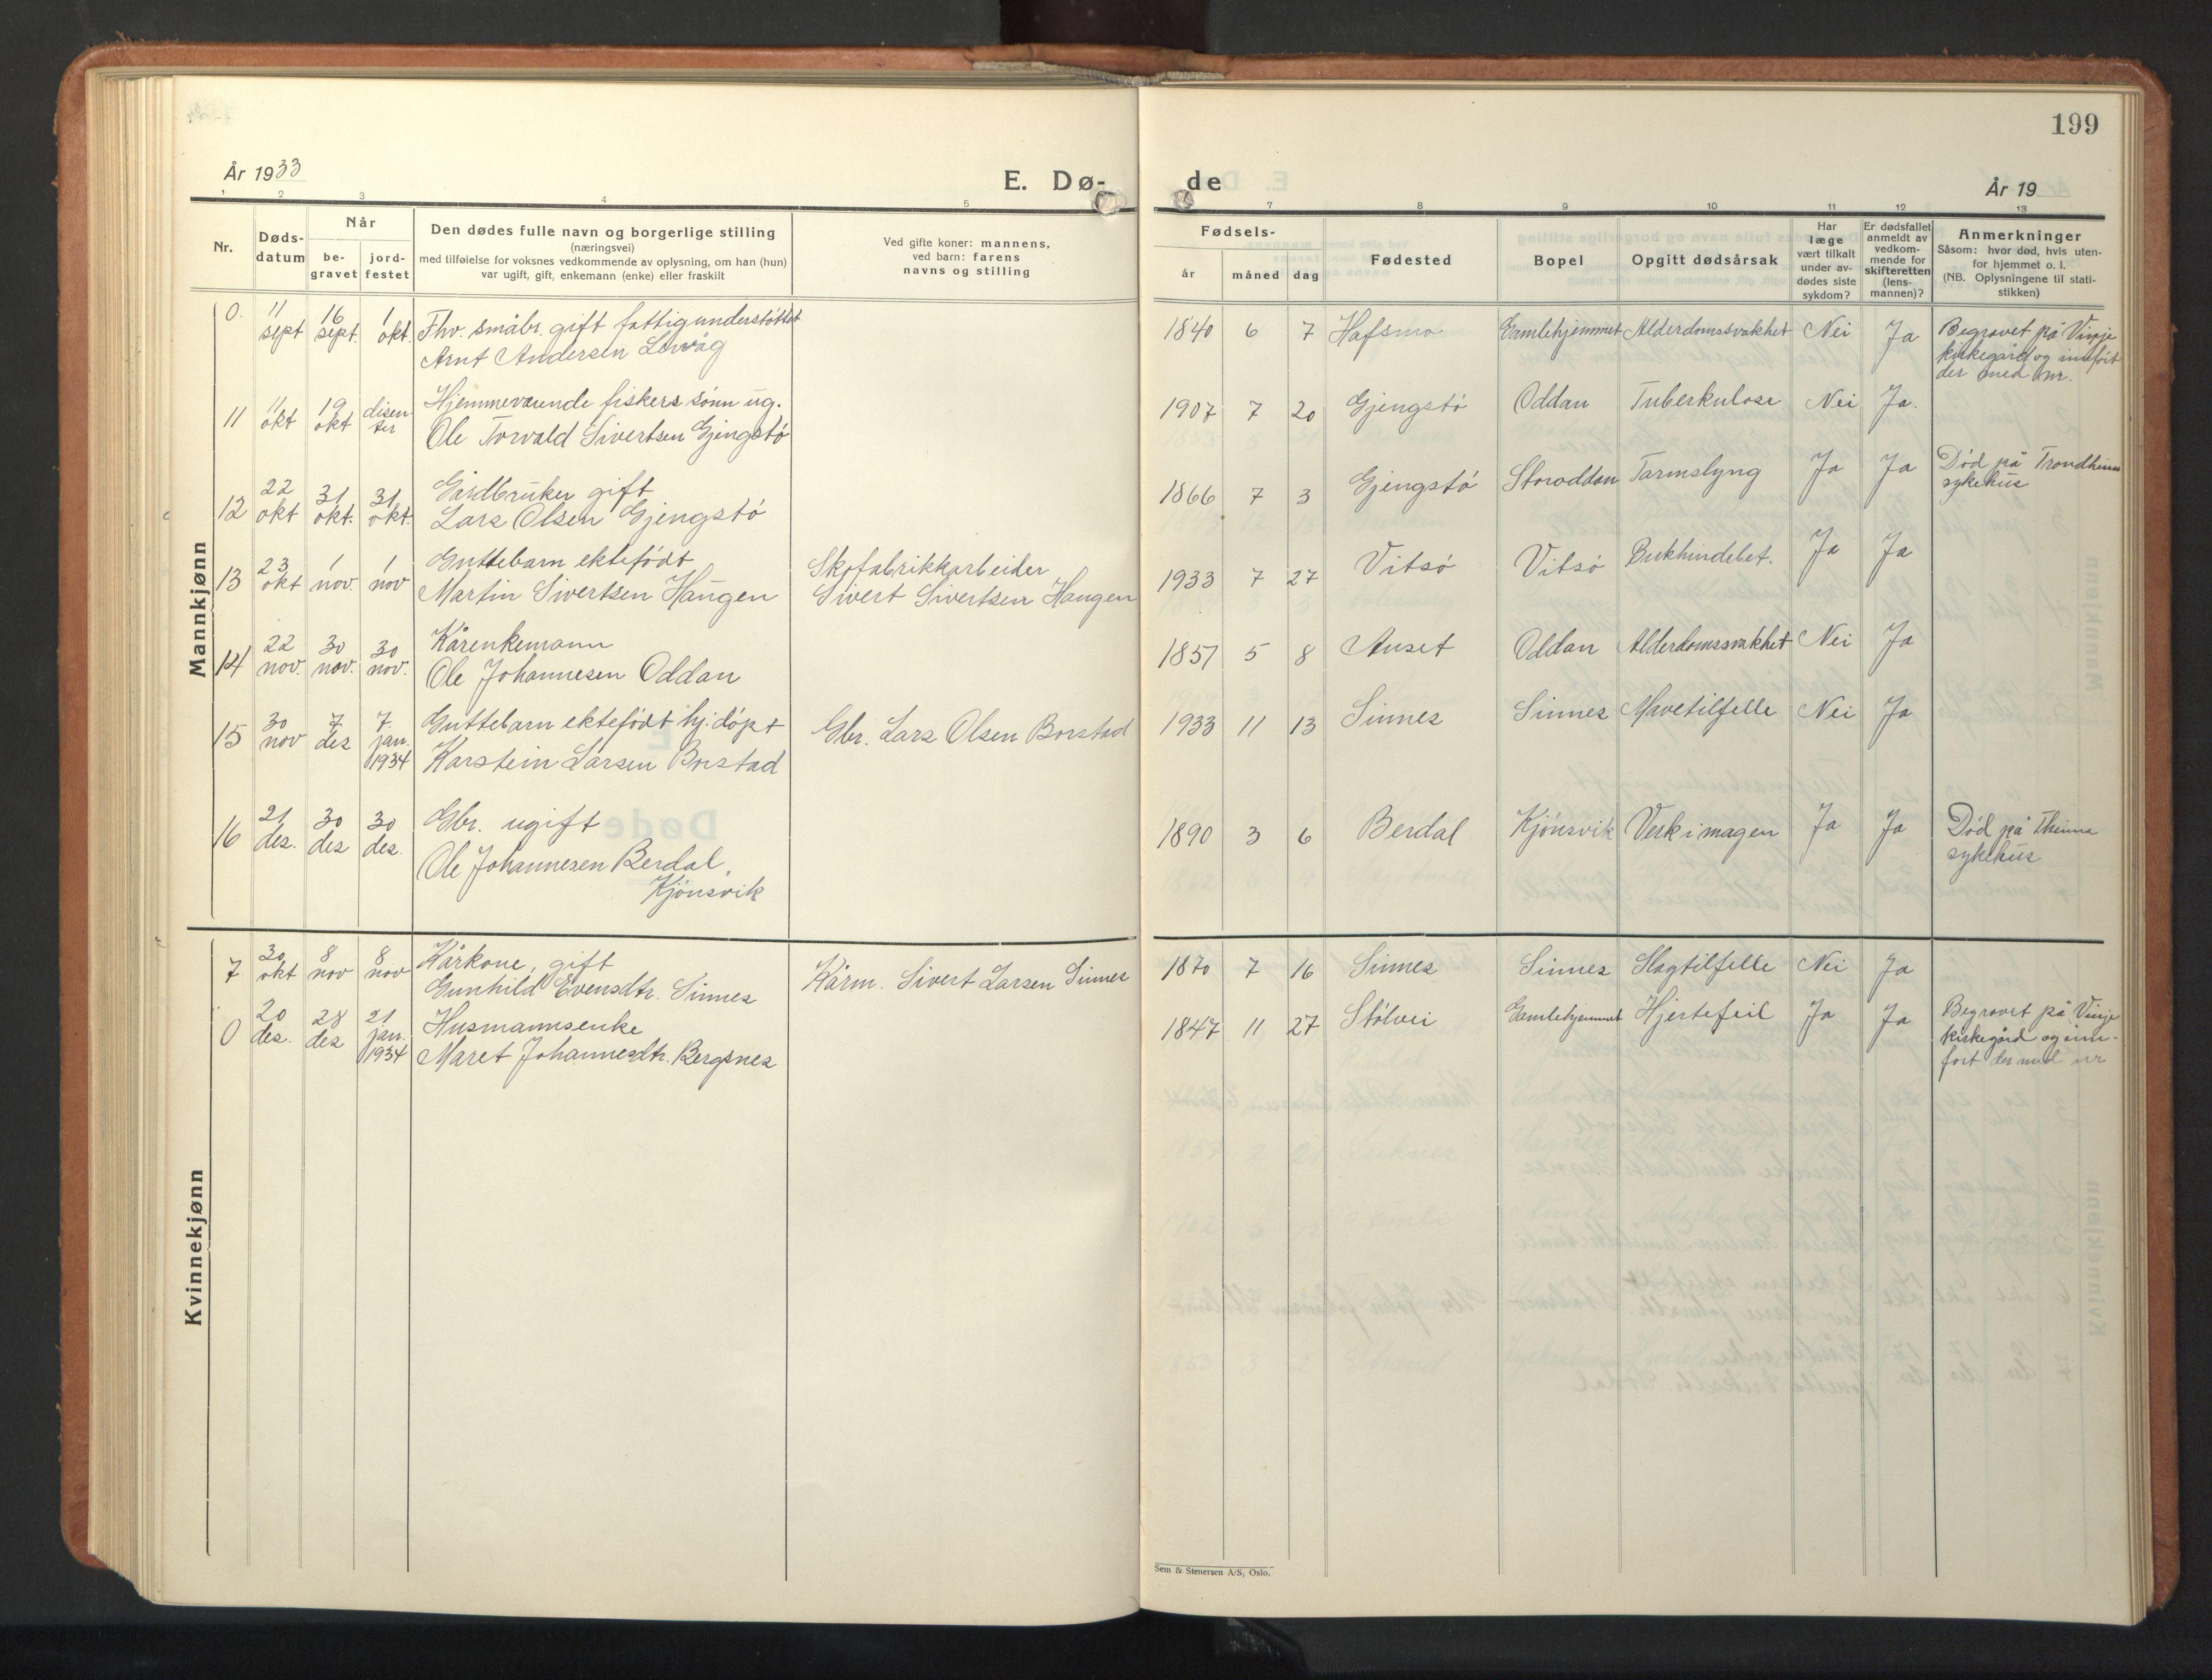 SAT, Ministerialprotokoller, klokkerbøker og fødselsregistre - Sør-Trøndelag, 630/L0508: Klokkerbok nr. 630C06, 1933-1950, s. 199